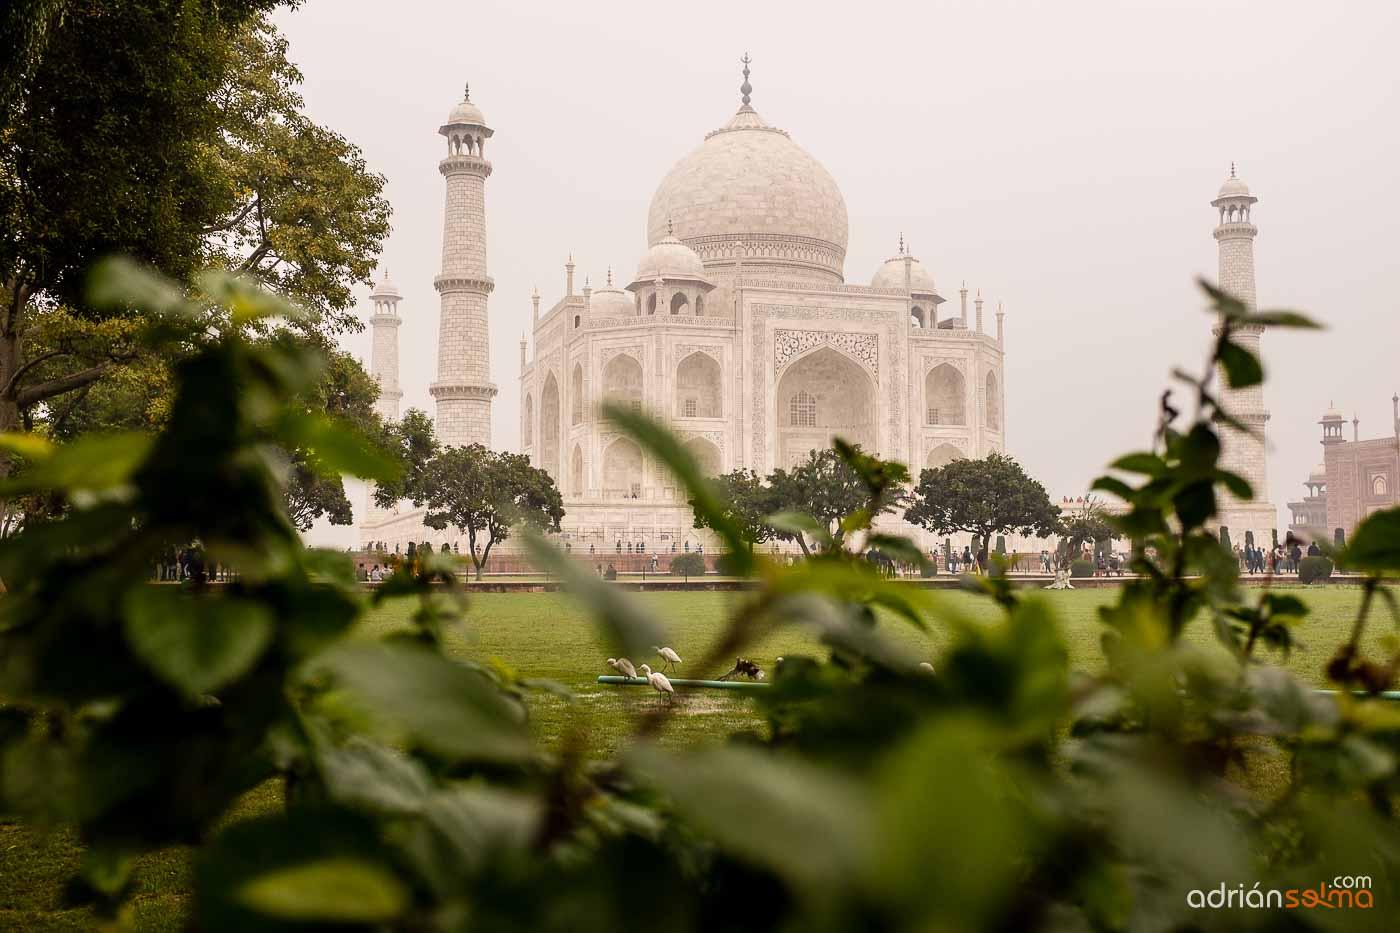 Vista del impresionante Taj Mahal desde sus jardines